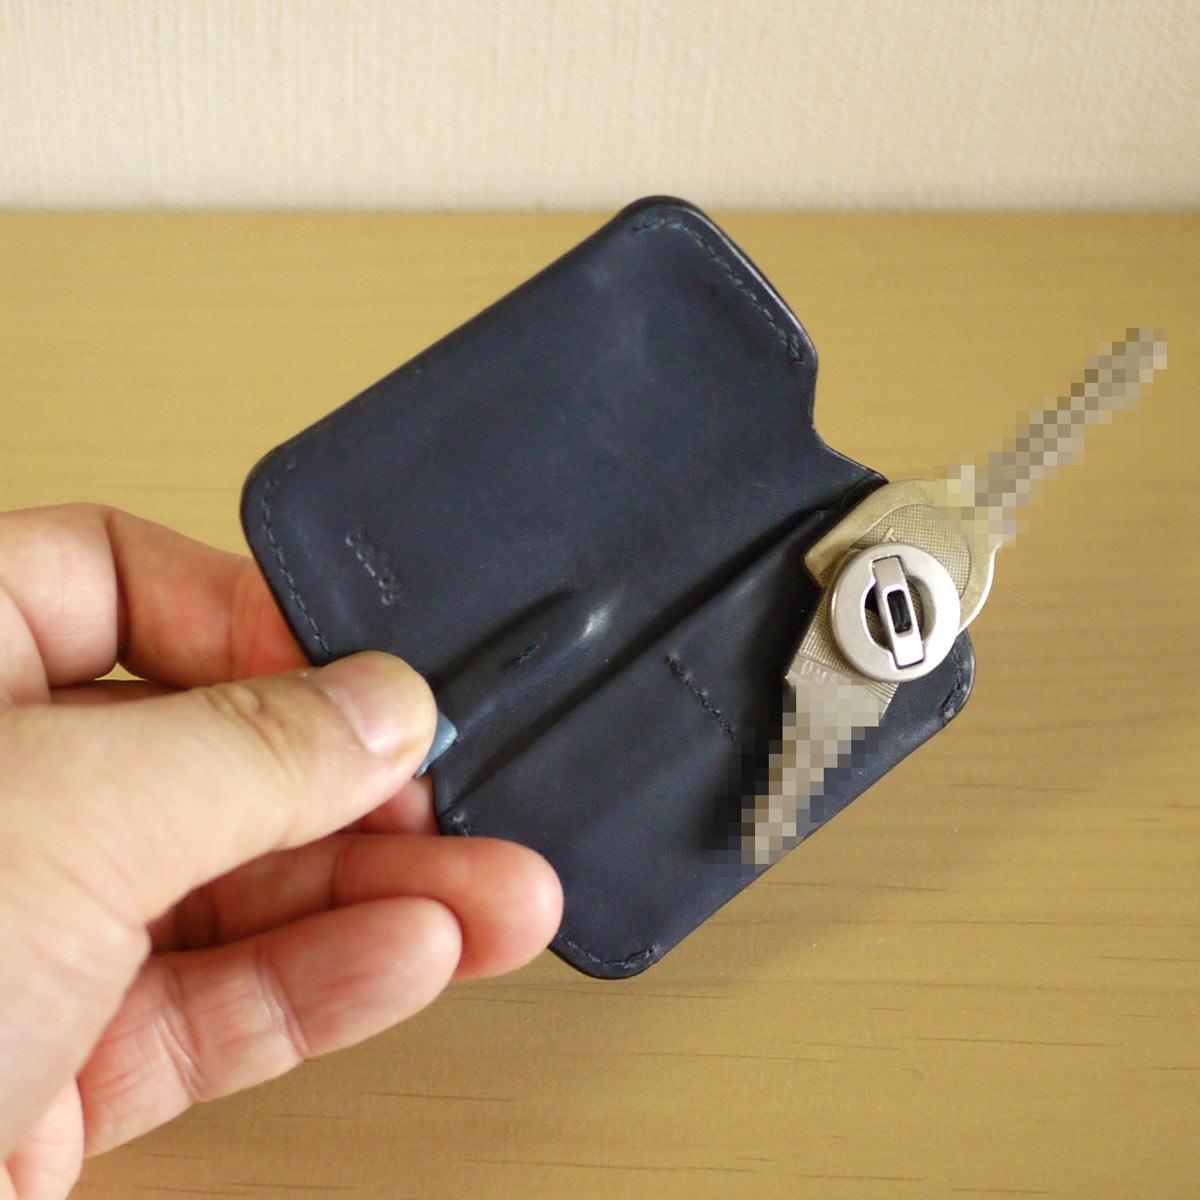 鍵をスライドさせる新発想! 究極にスリムでスマートなキーケース